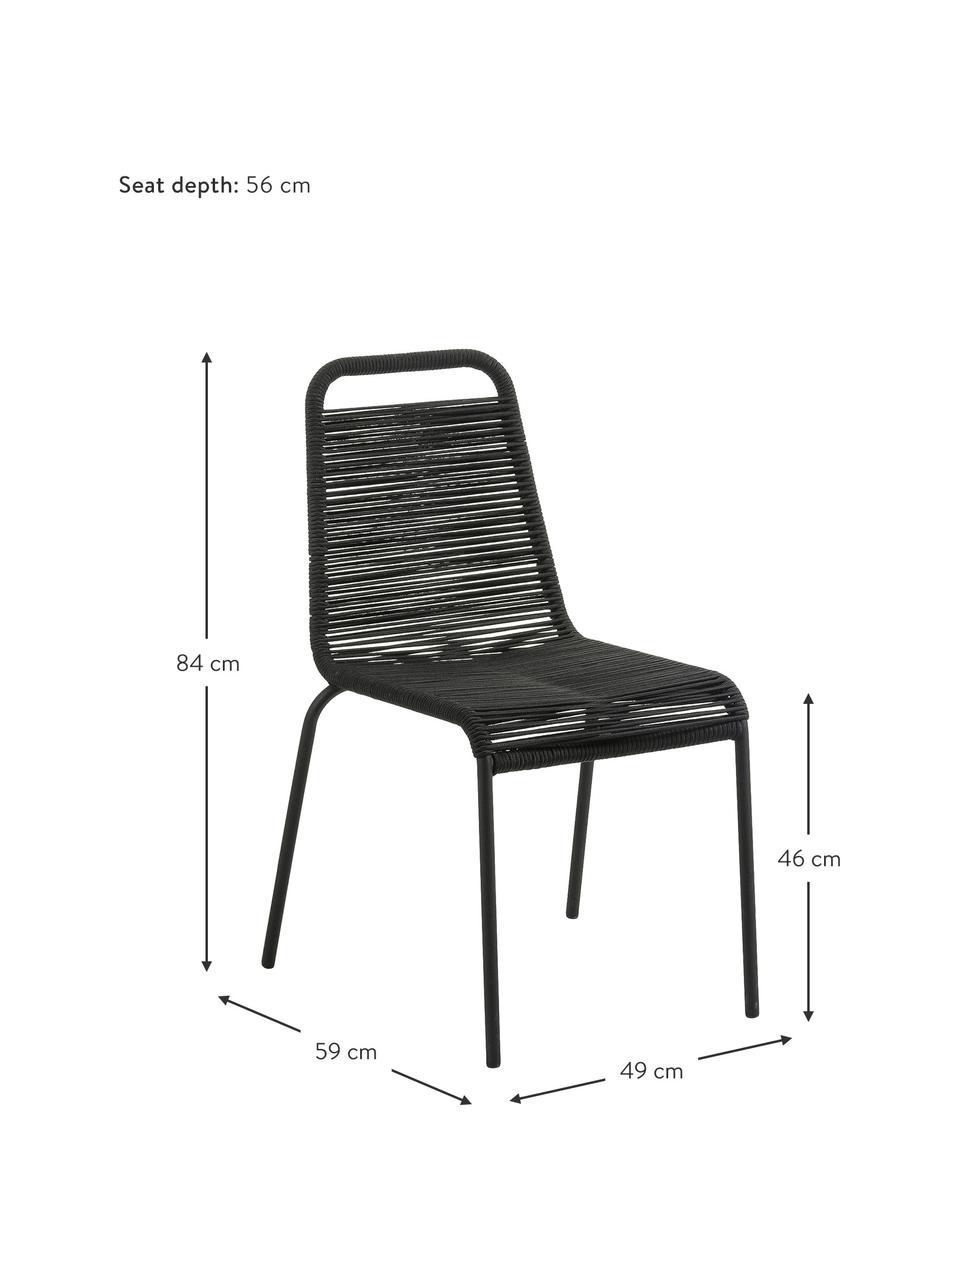 Gartenstühle Lambton mit Kunststoff-Geflecht, 2 Stück, Sitzfläche: Polyethylen-Geflecht, Gestell: Metall, pulverbeschichtet, Schwarz, B 49 x T 59 cm